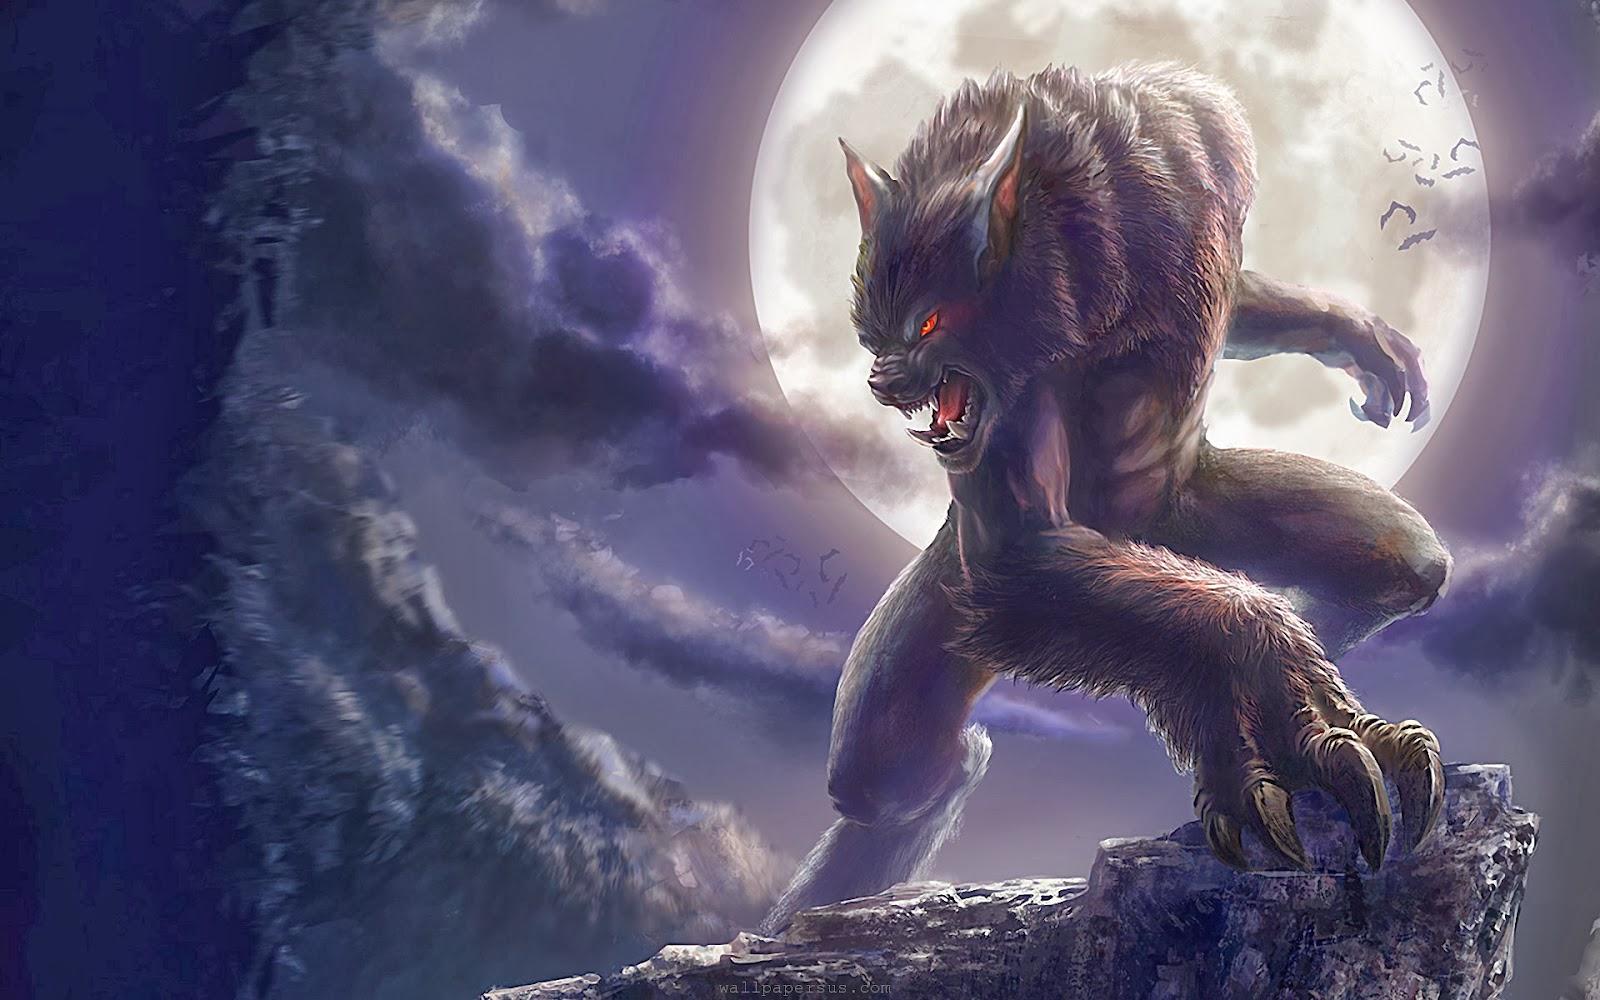 Werewolf hd